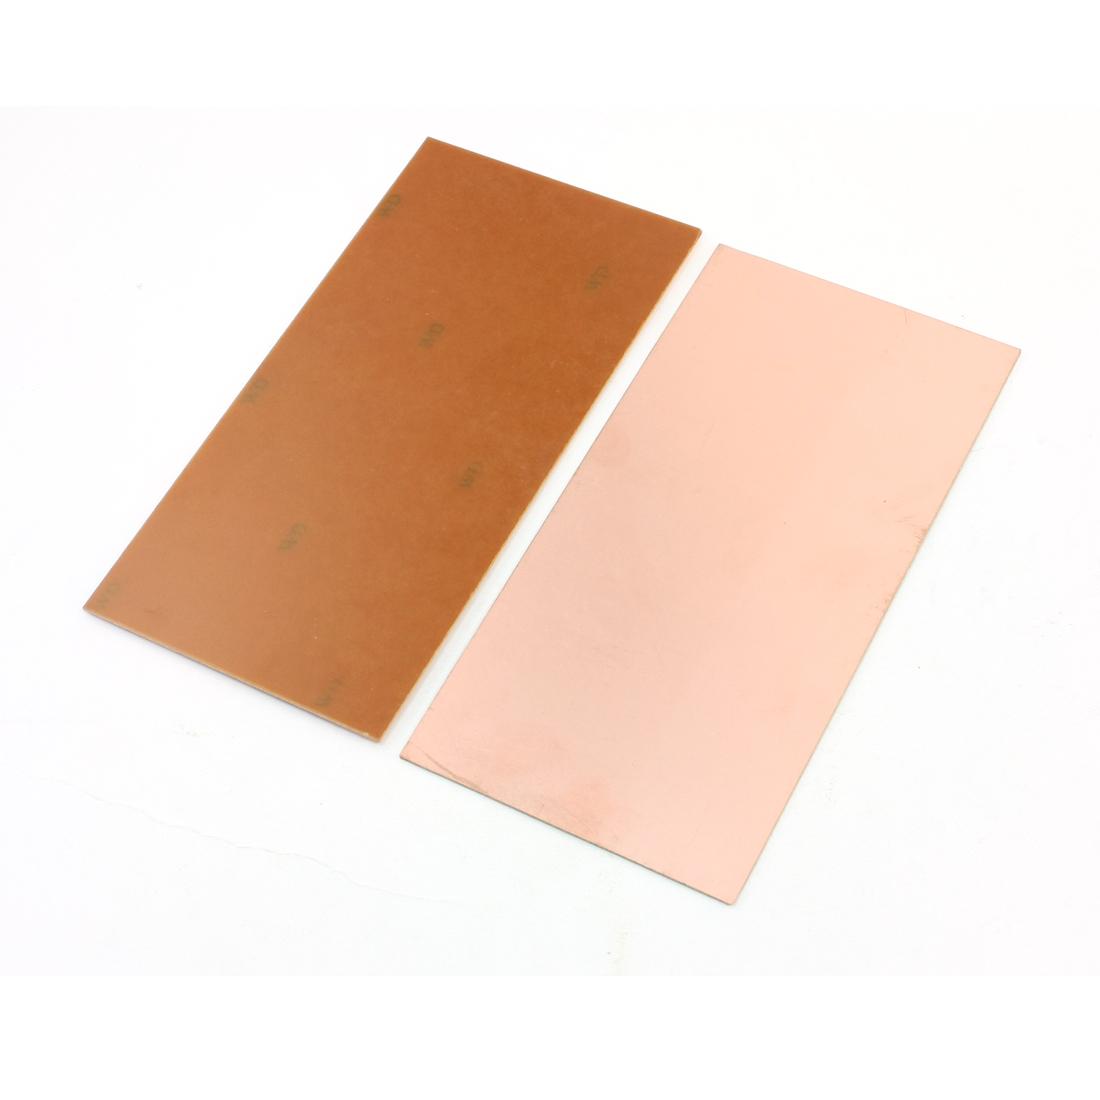 Cheap Copper Board Pcb, find Copper Board Pcb deals on line